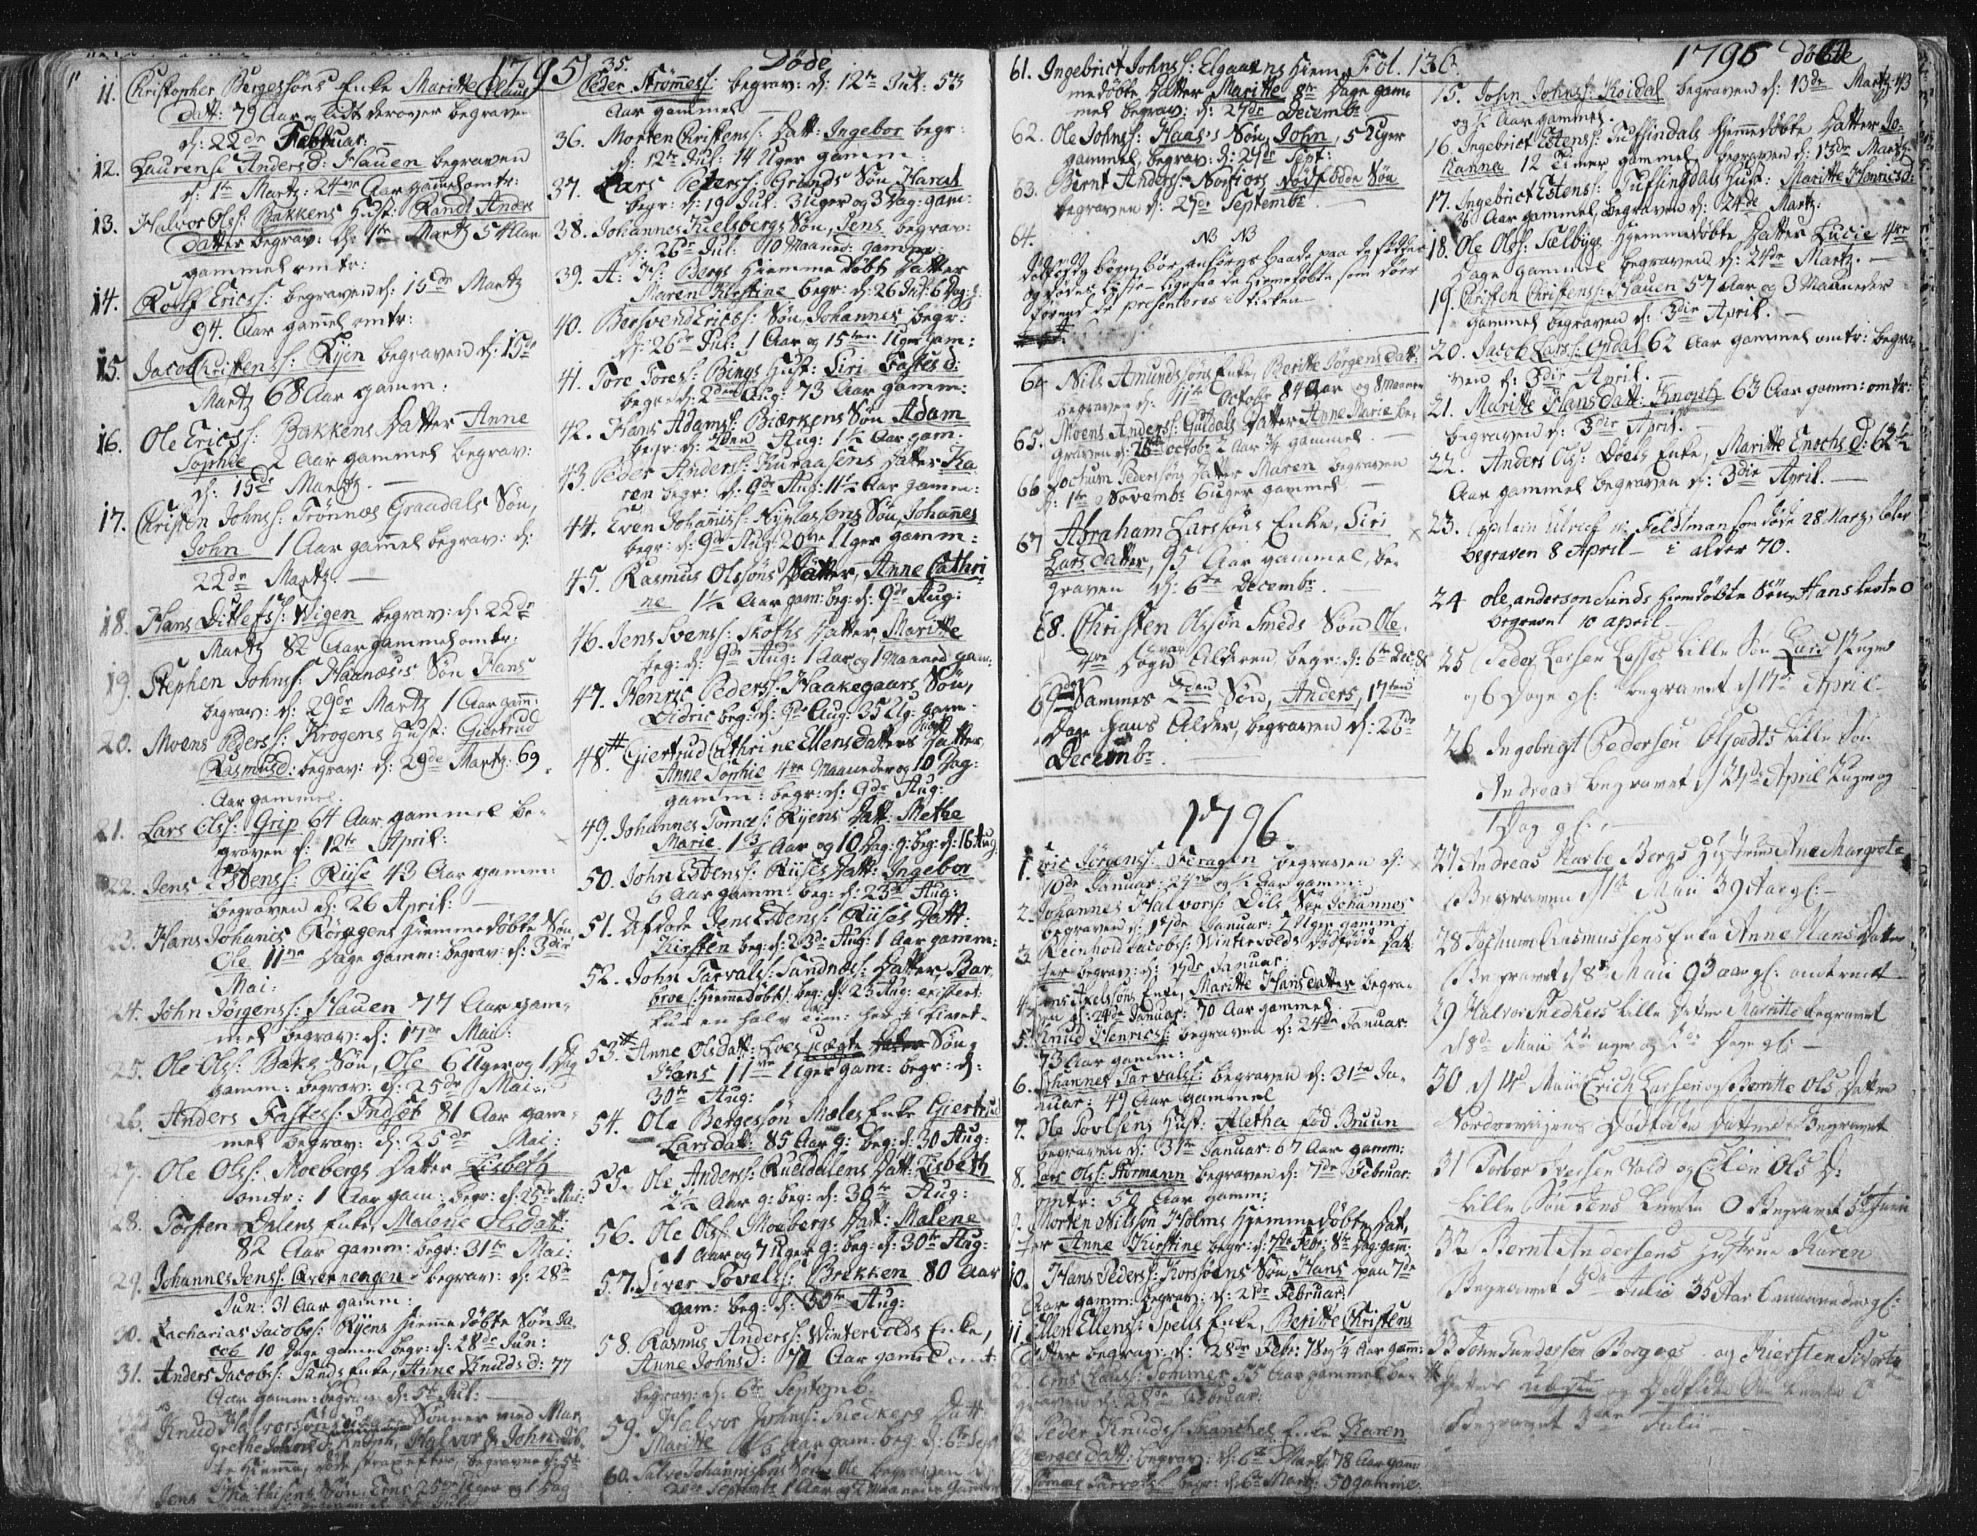 SAT, Ministerialprotokoller, klokkerbøker og fødselsregistre - Sør-Trøndelag, 681/L0926: Ministerialbok nr. 681A04, 1767-1797, s. 136